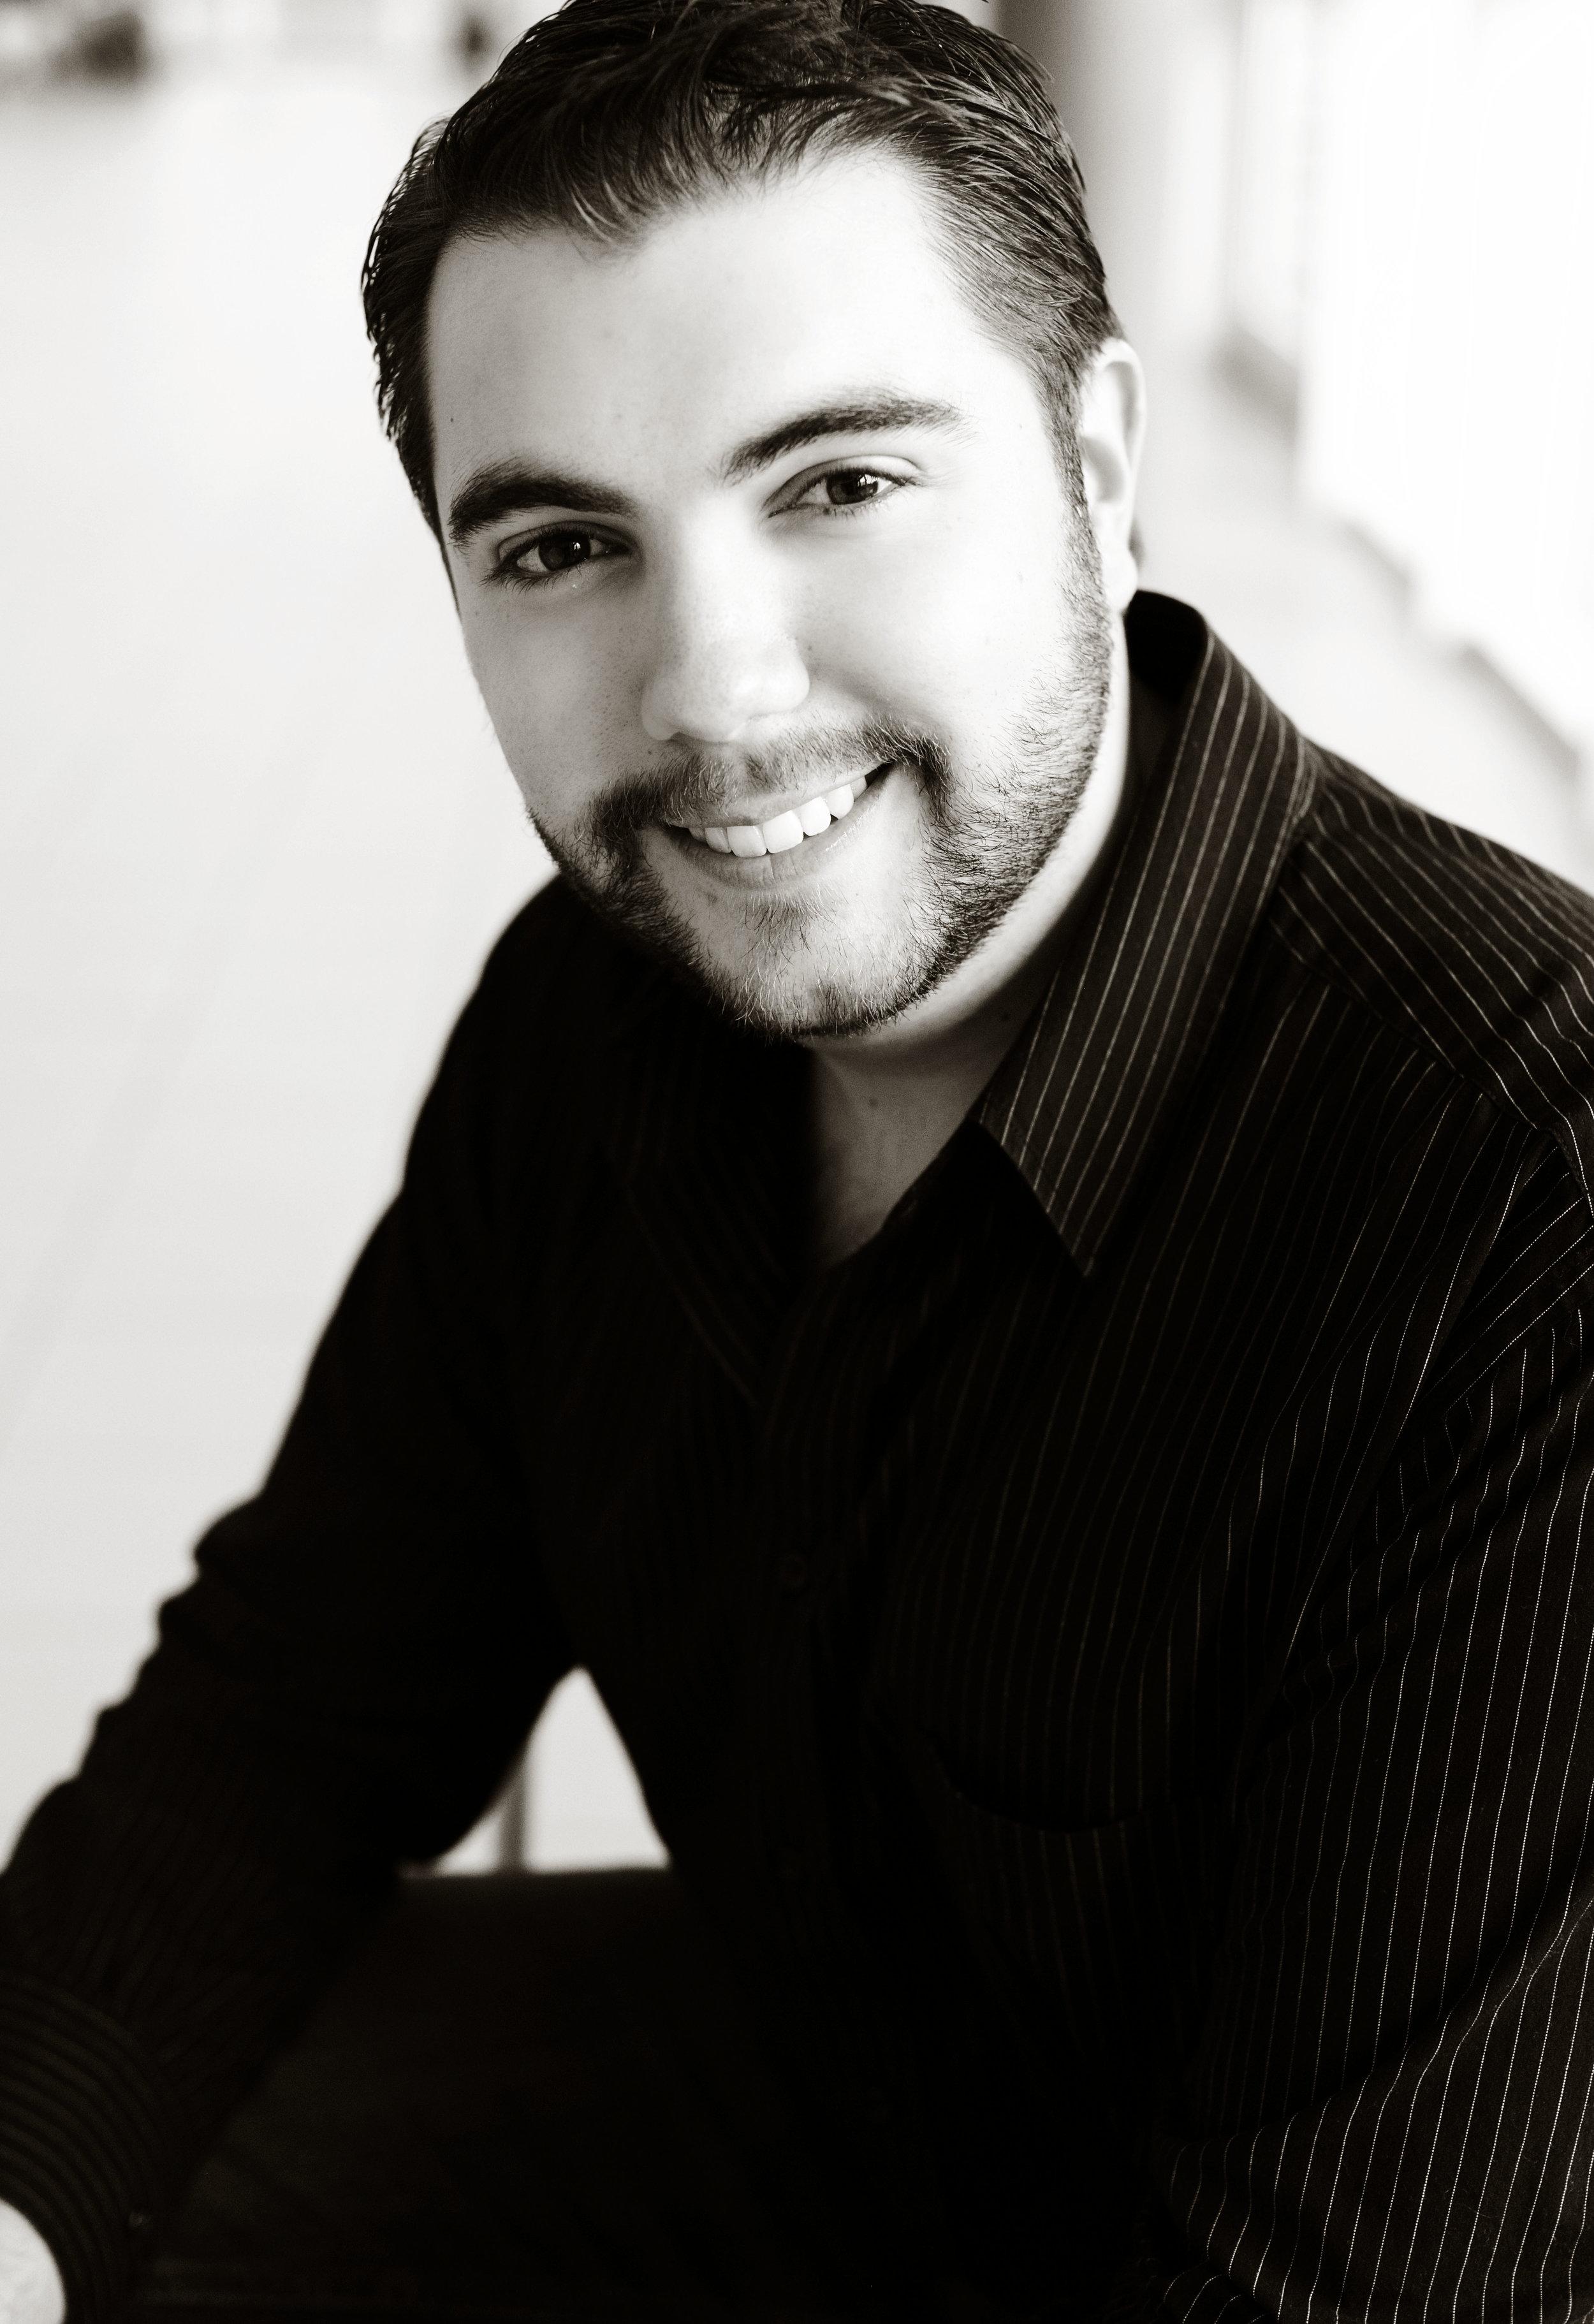 Andrew Skitko